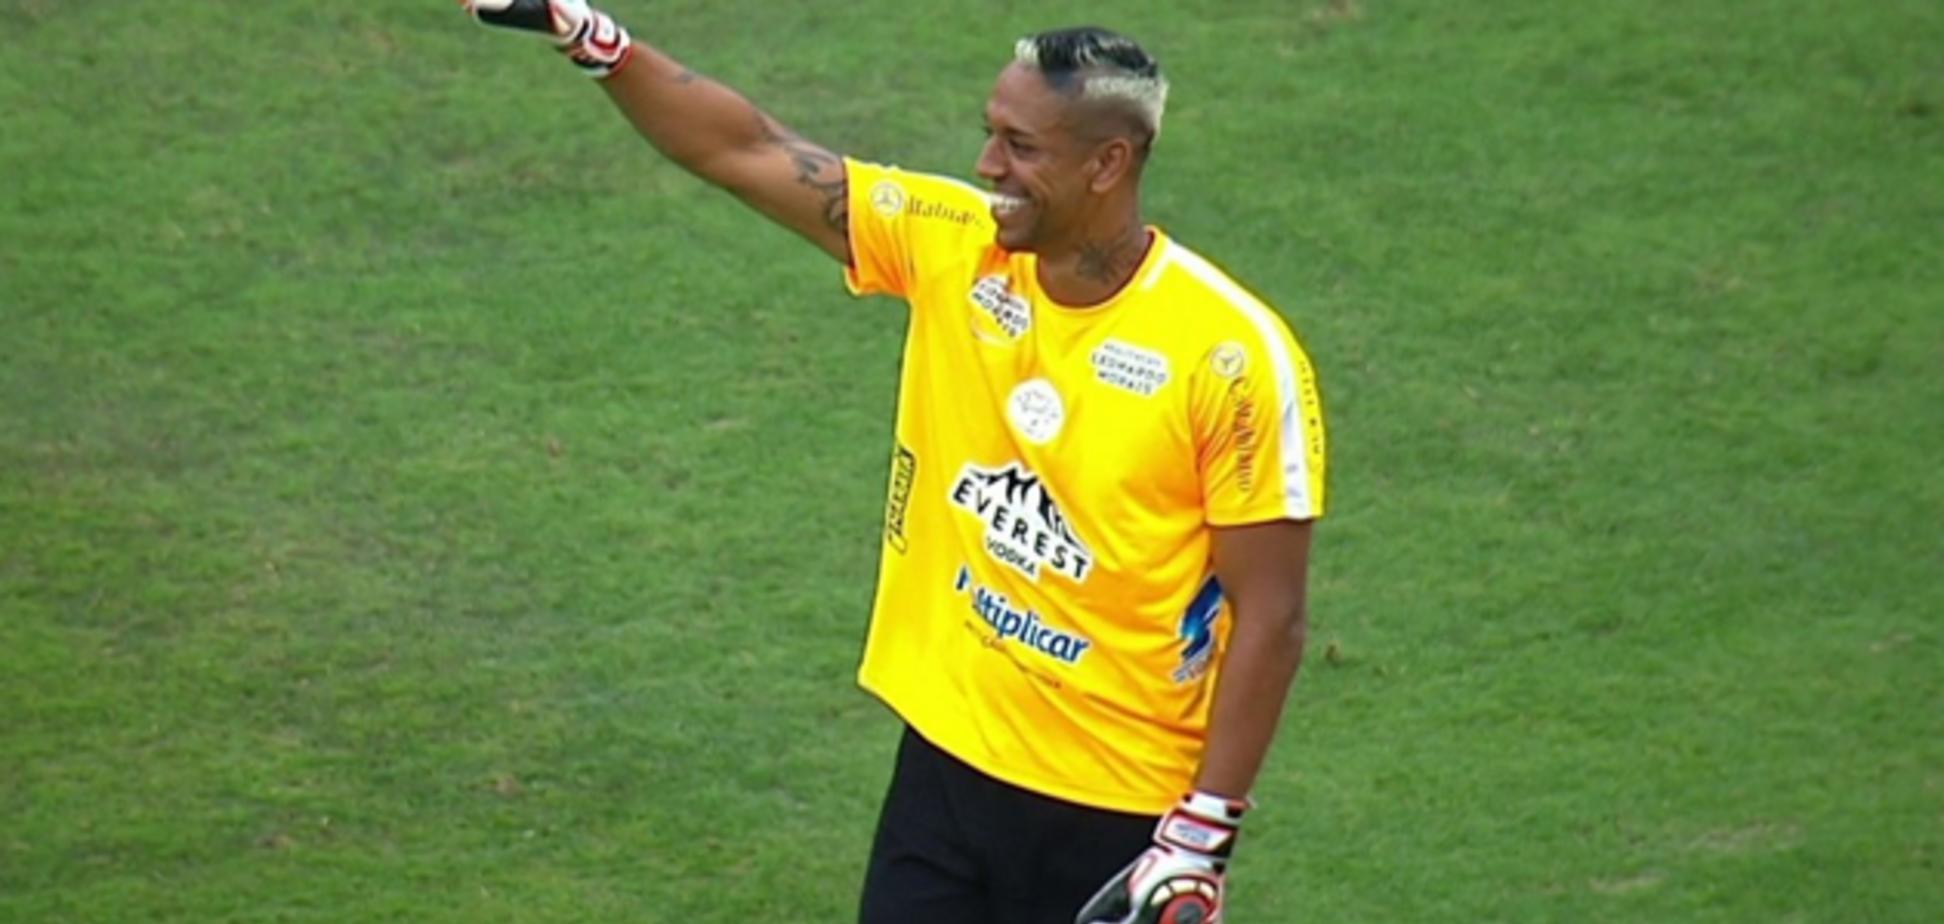 Бразильский вратарь совершил роскошный сейв, повторив магический 'удар скорпиона': опубликовано видео